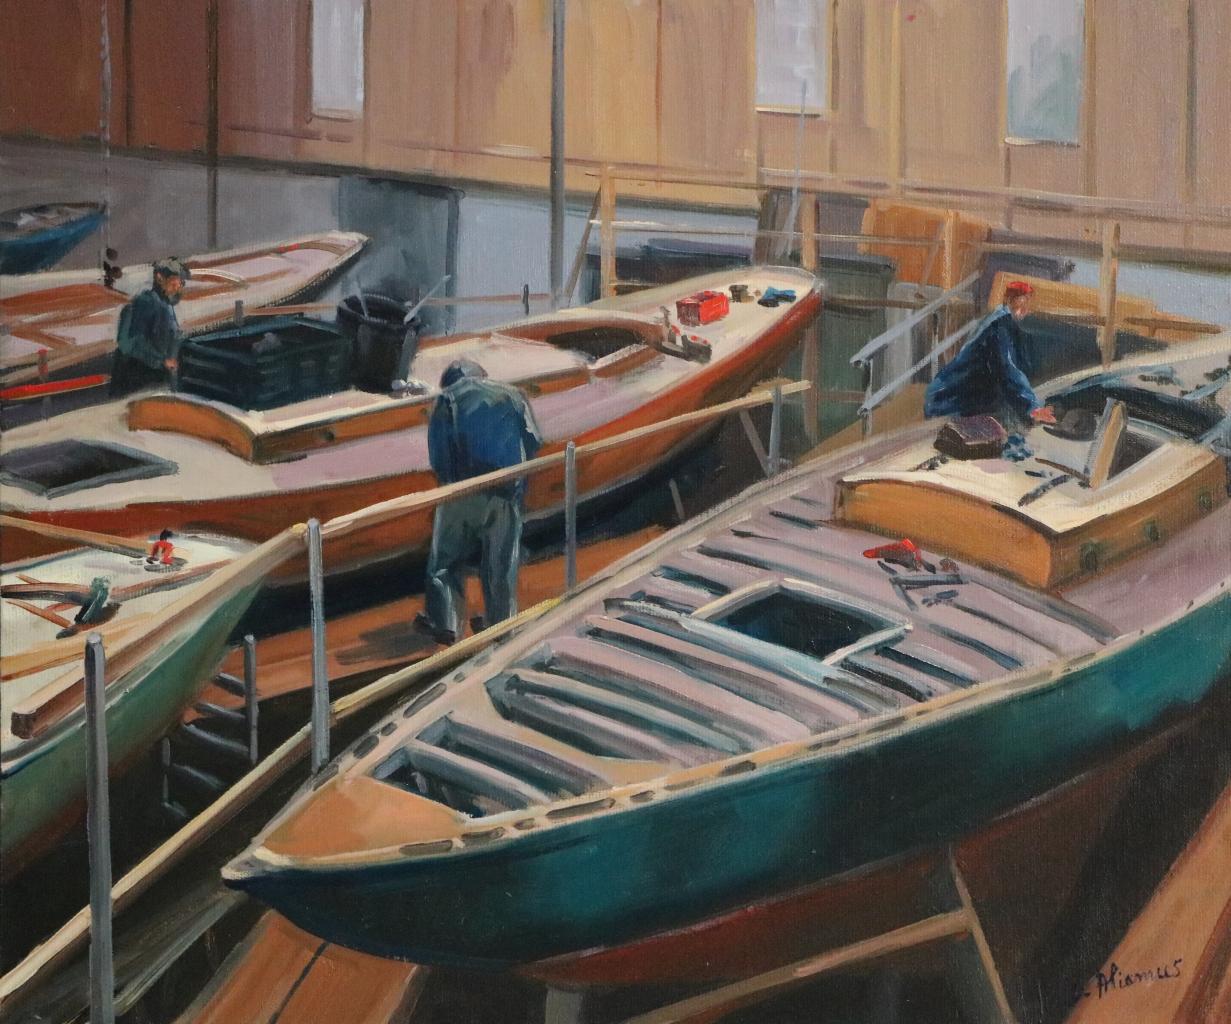 Yachts classiques. 55X46-10F. Béatrice ALIAMUS.